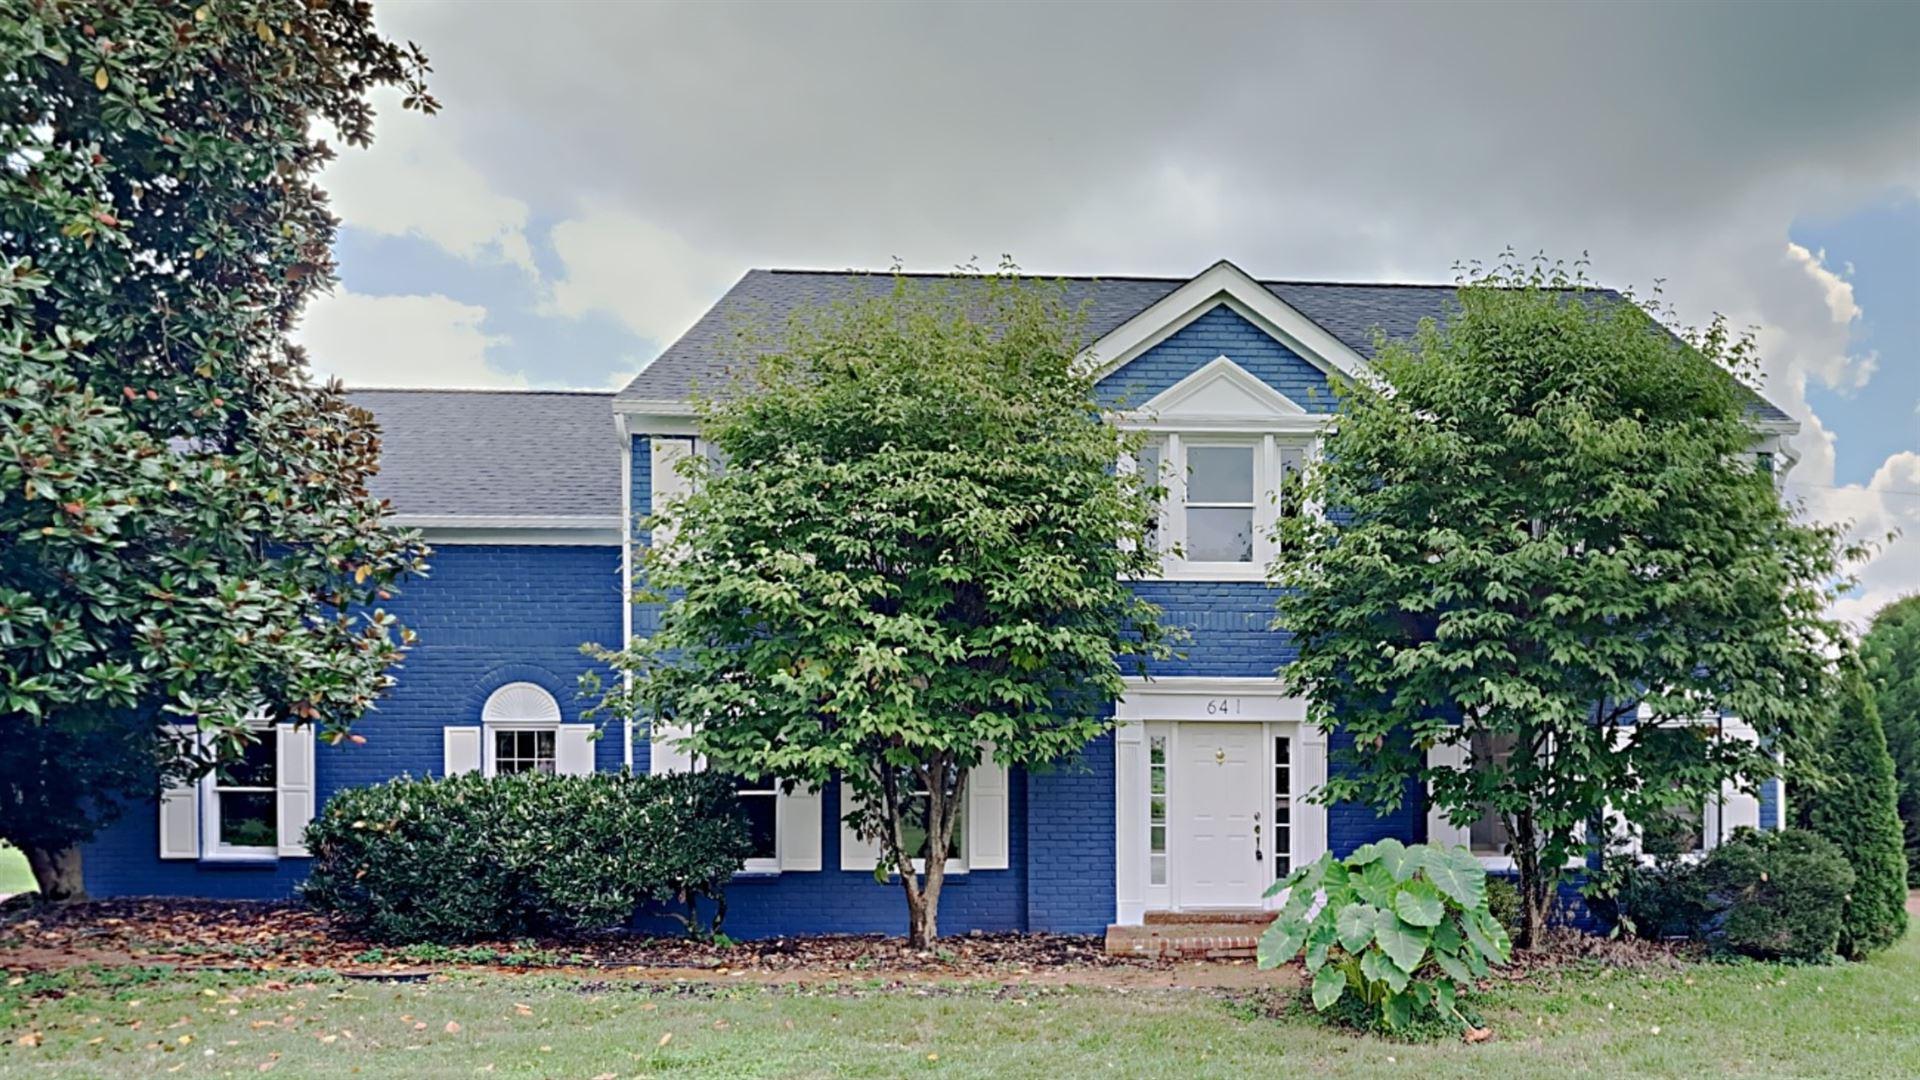 641 Gleneagle Ln, Franklin, TN 37067 - MLS#: 2298861